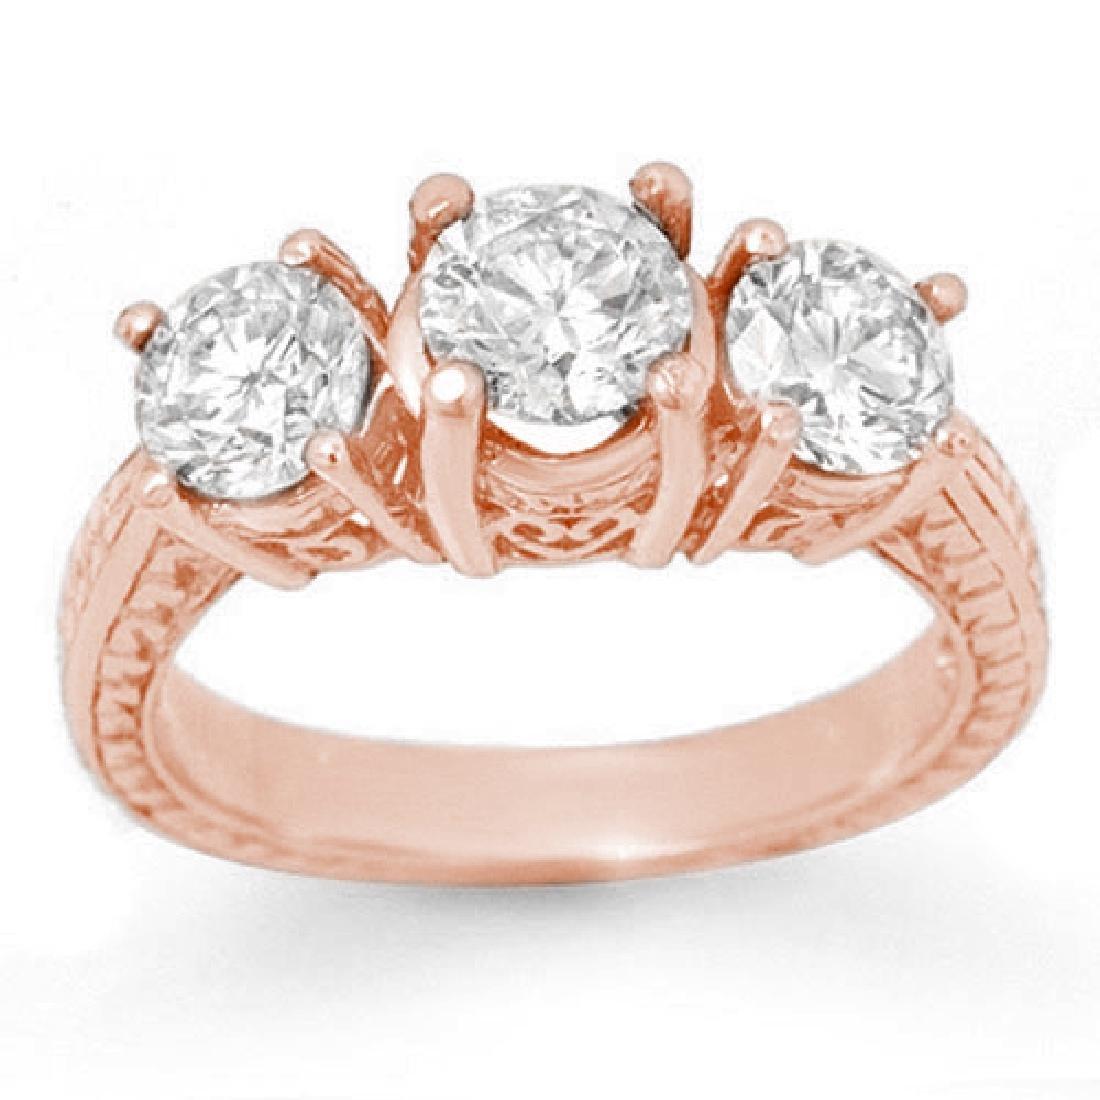 1.75 CTW Certified VS/SI Diamond 3 Stone Ring 14K Rose